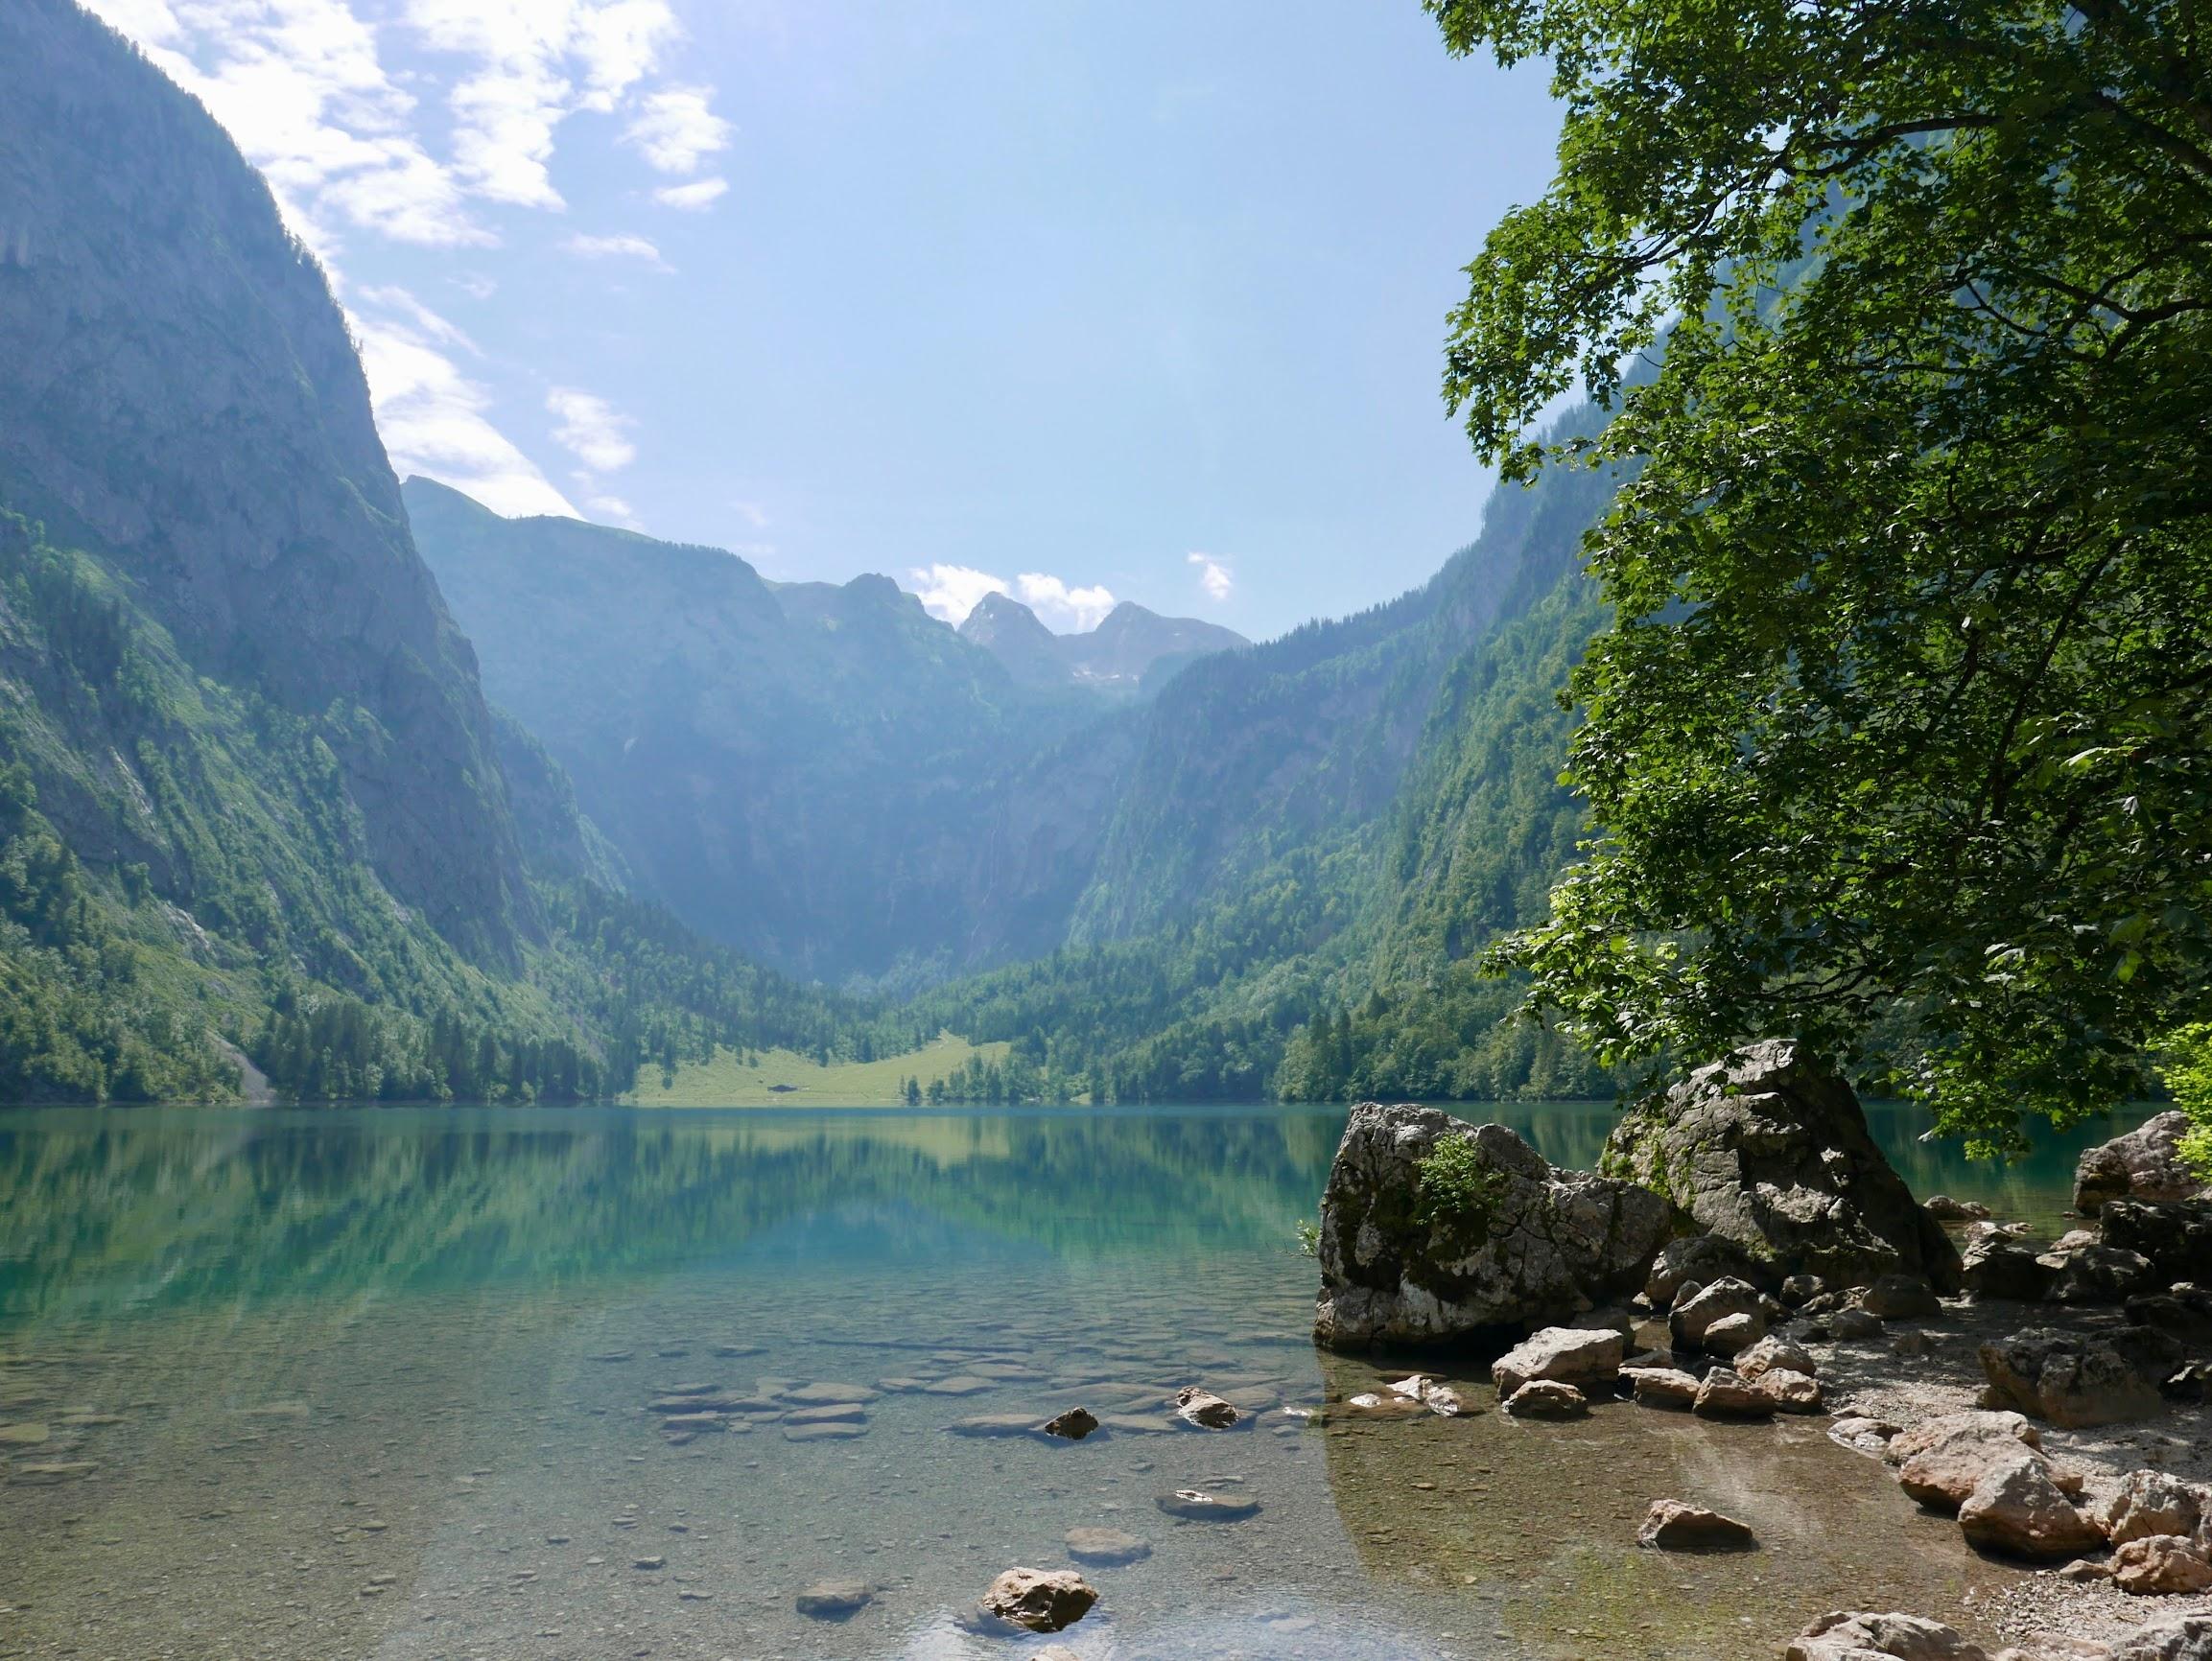 Obersee, Schönau am Königssee, Berchtesgaden